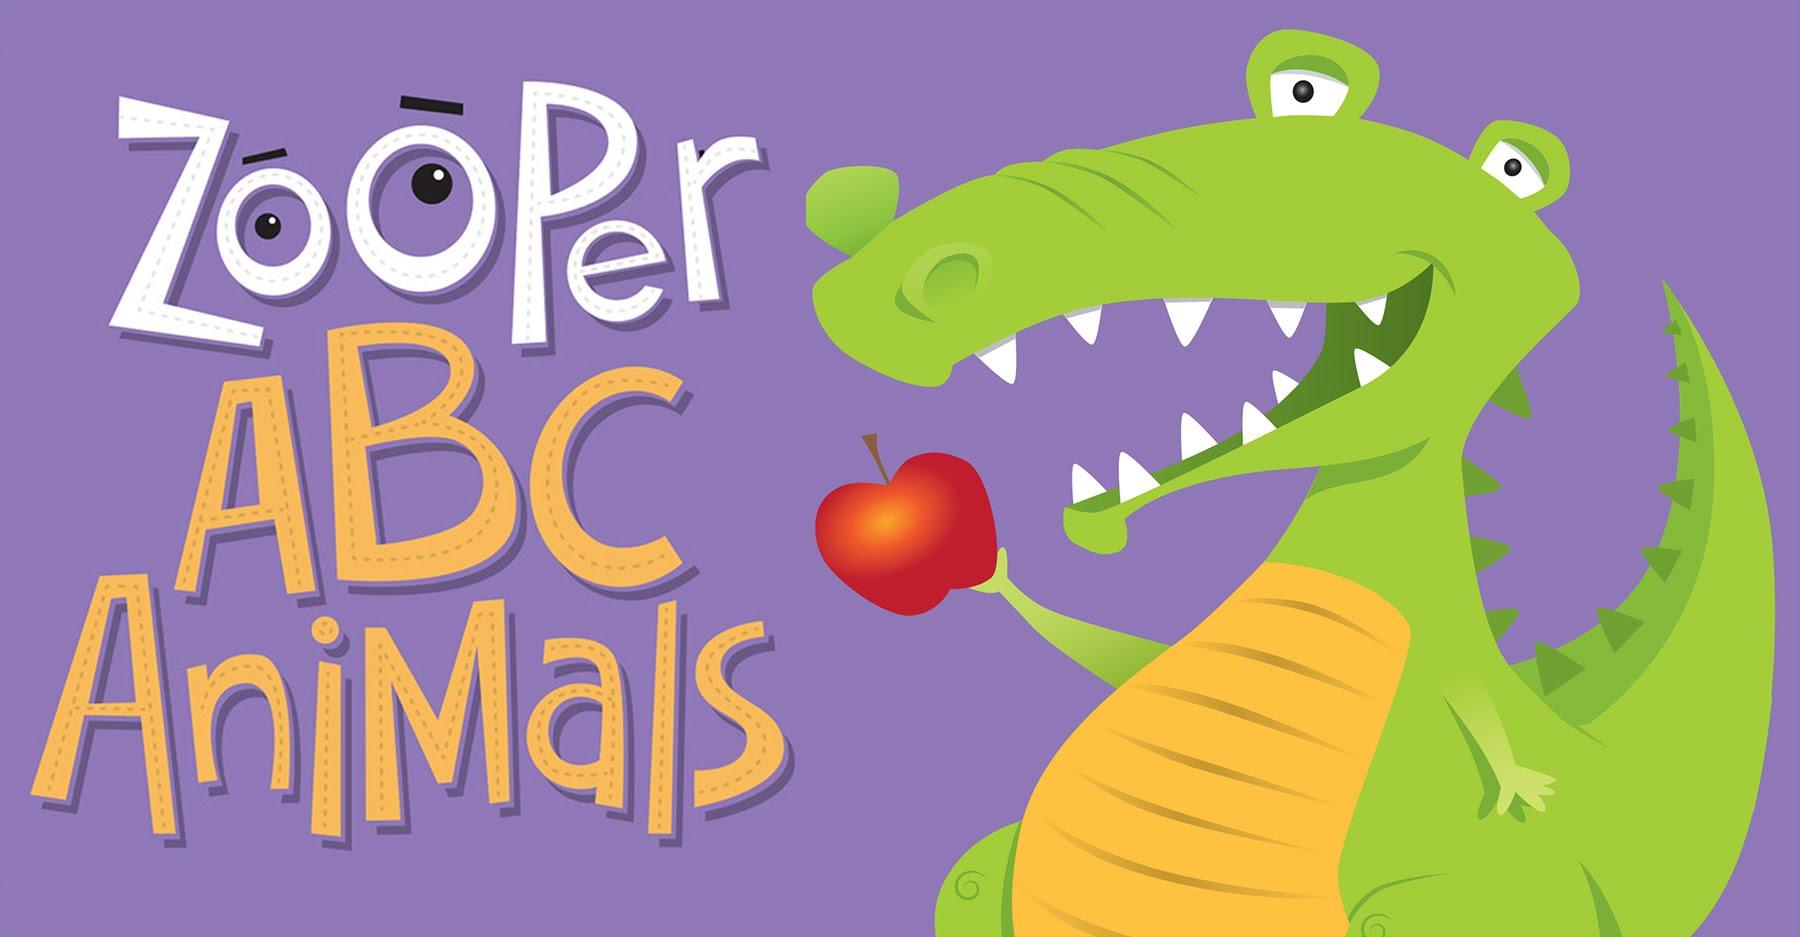 Zooper-ABC-Animals